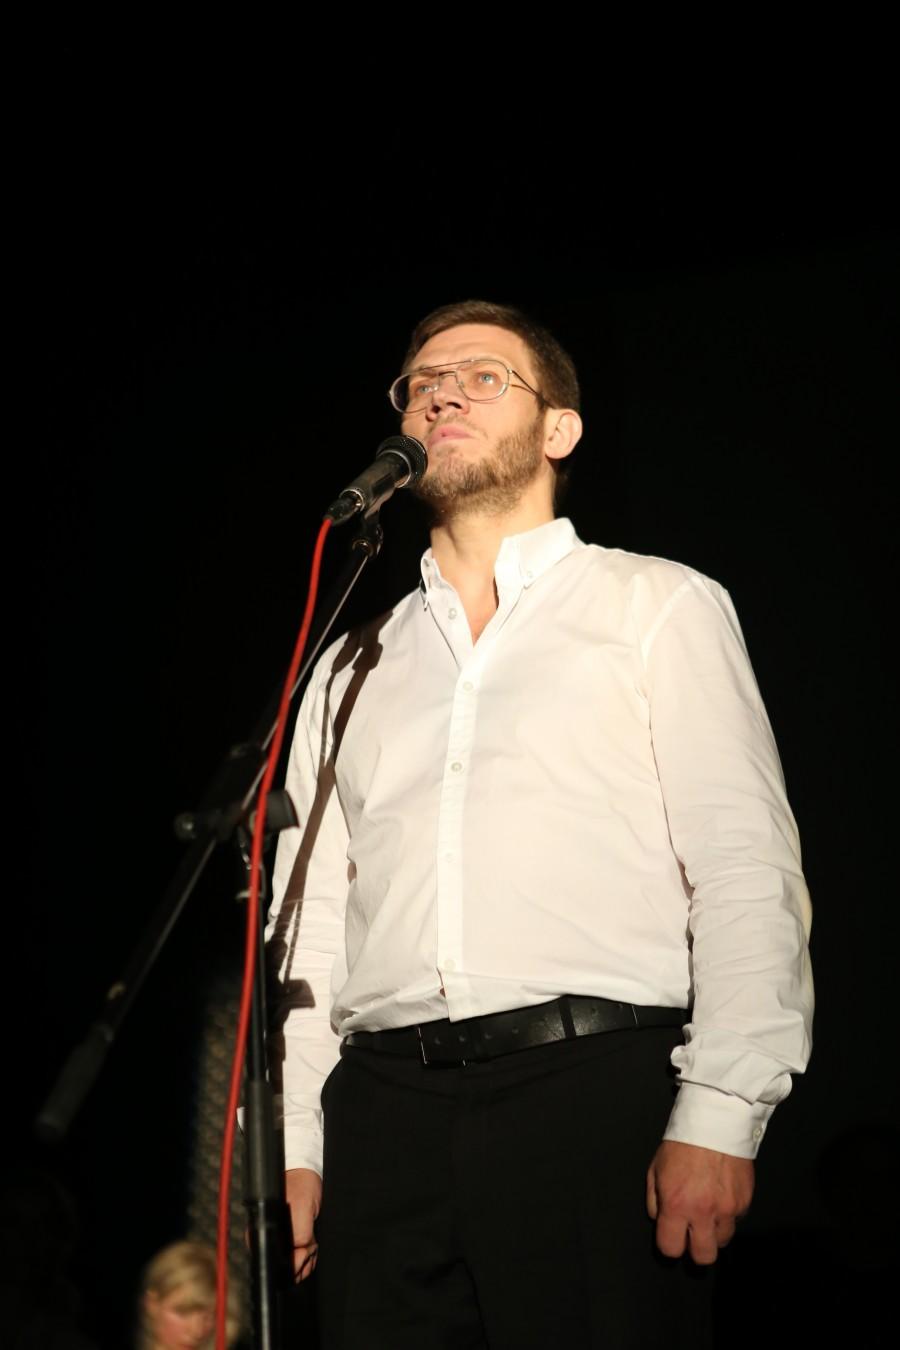 Чтец Сергей Чусов